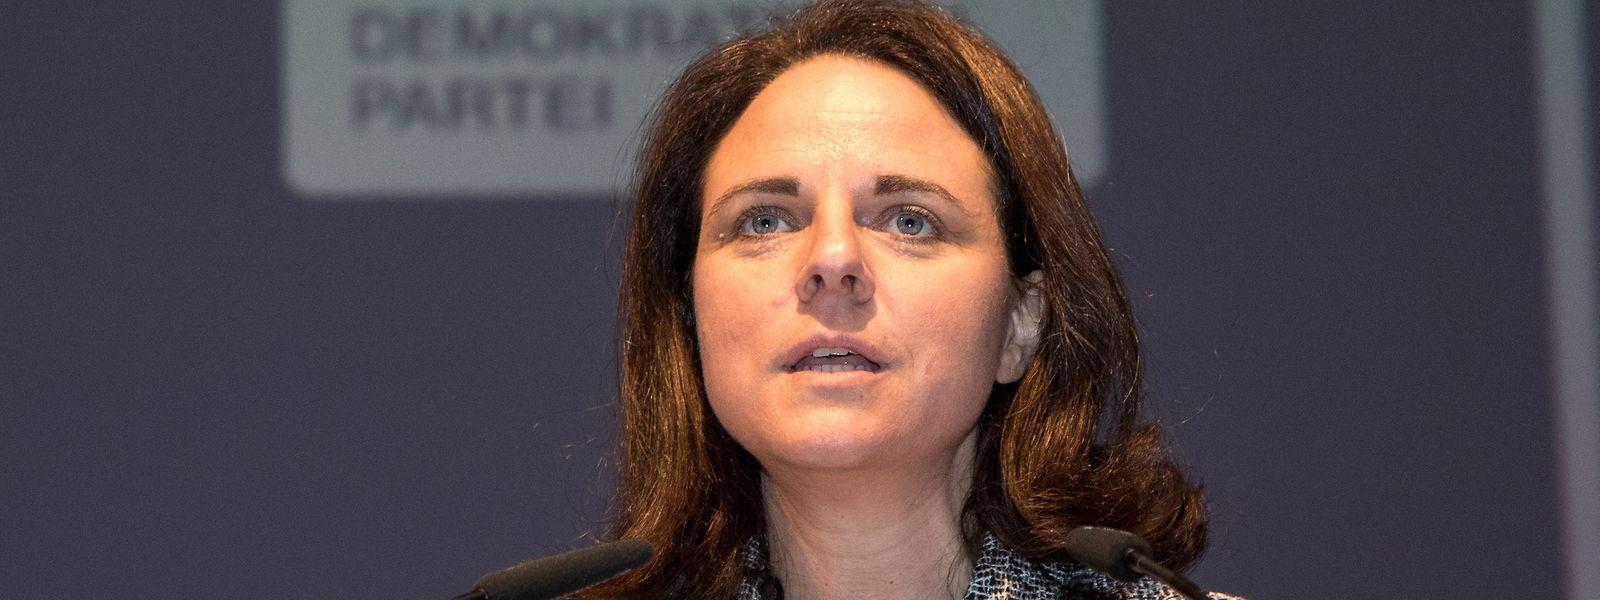 La ministre Corinne Cahen (DP)a bénéficié d'un soutien rapide et franc du chef du gouvernement.